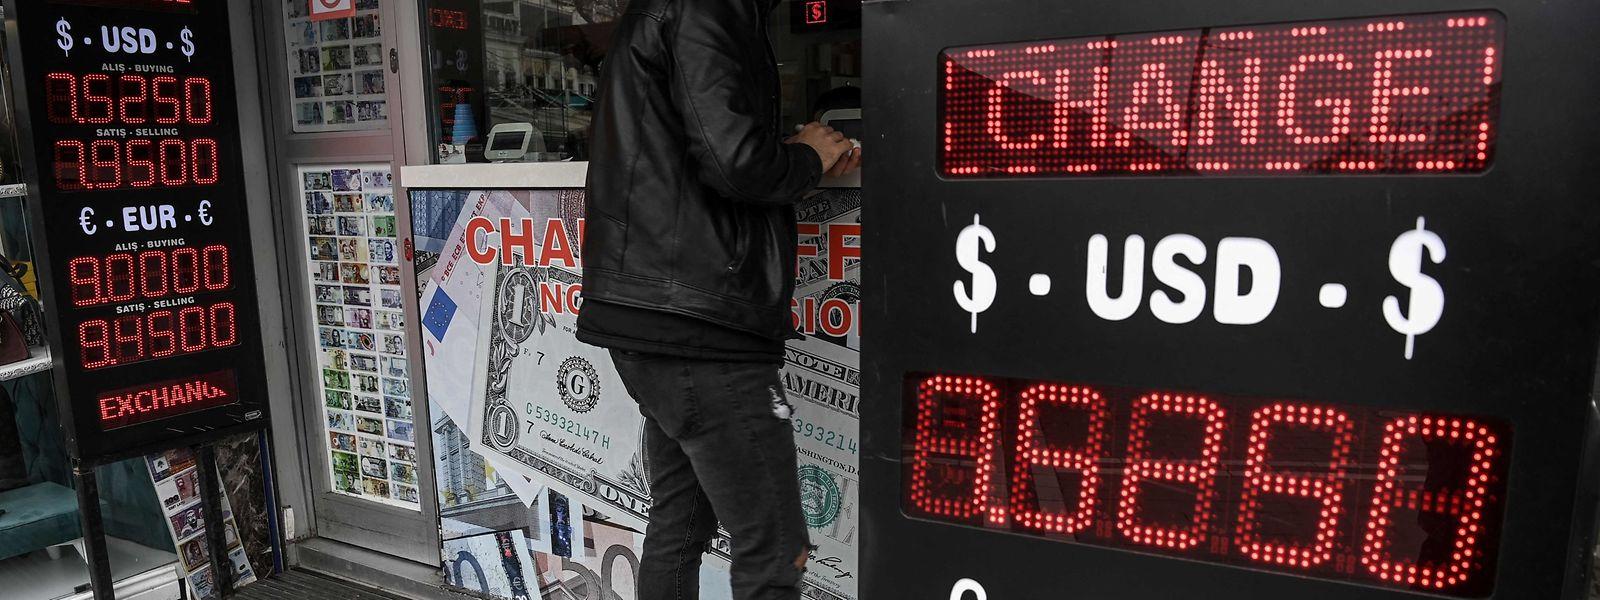 Am Montag gerieten die türkische Währung, die Börse in Istanbul und Staatsanleihen des Schwellenlandes massiv unter Druck. Zeitweise verlor die türkische Lira über 15 Prozent an Wert.